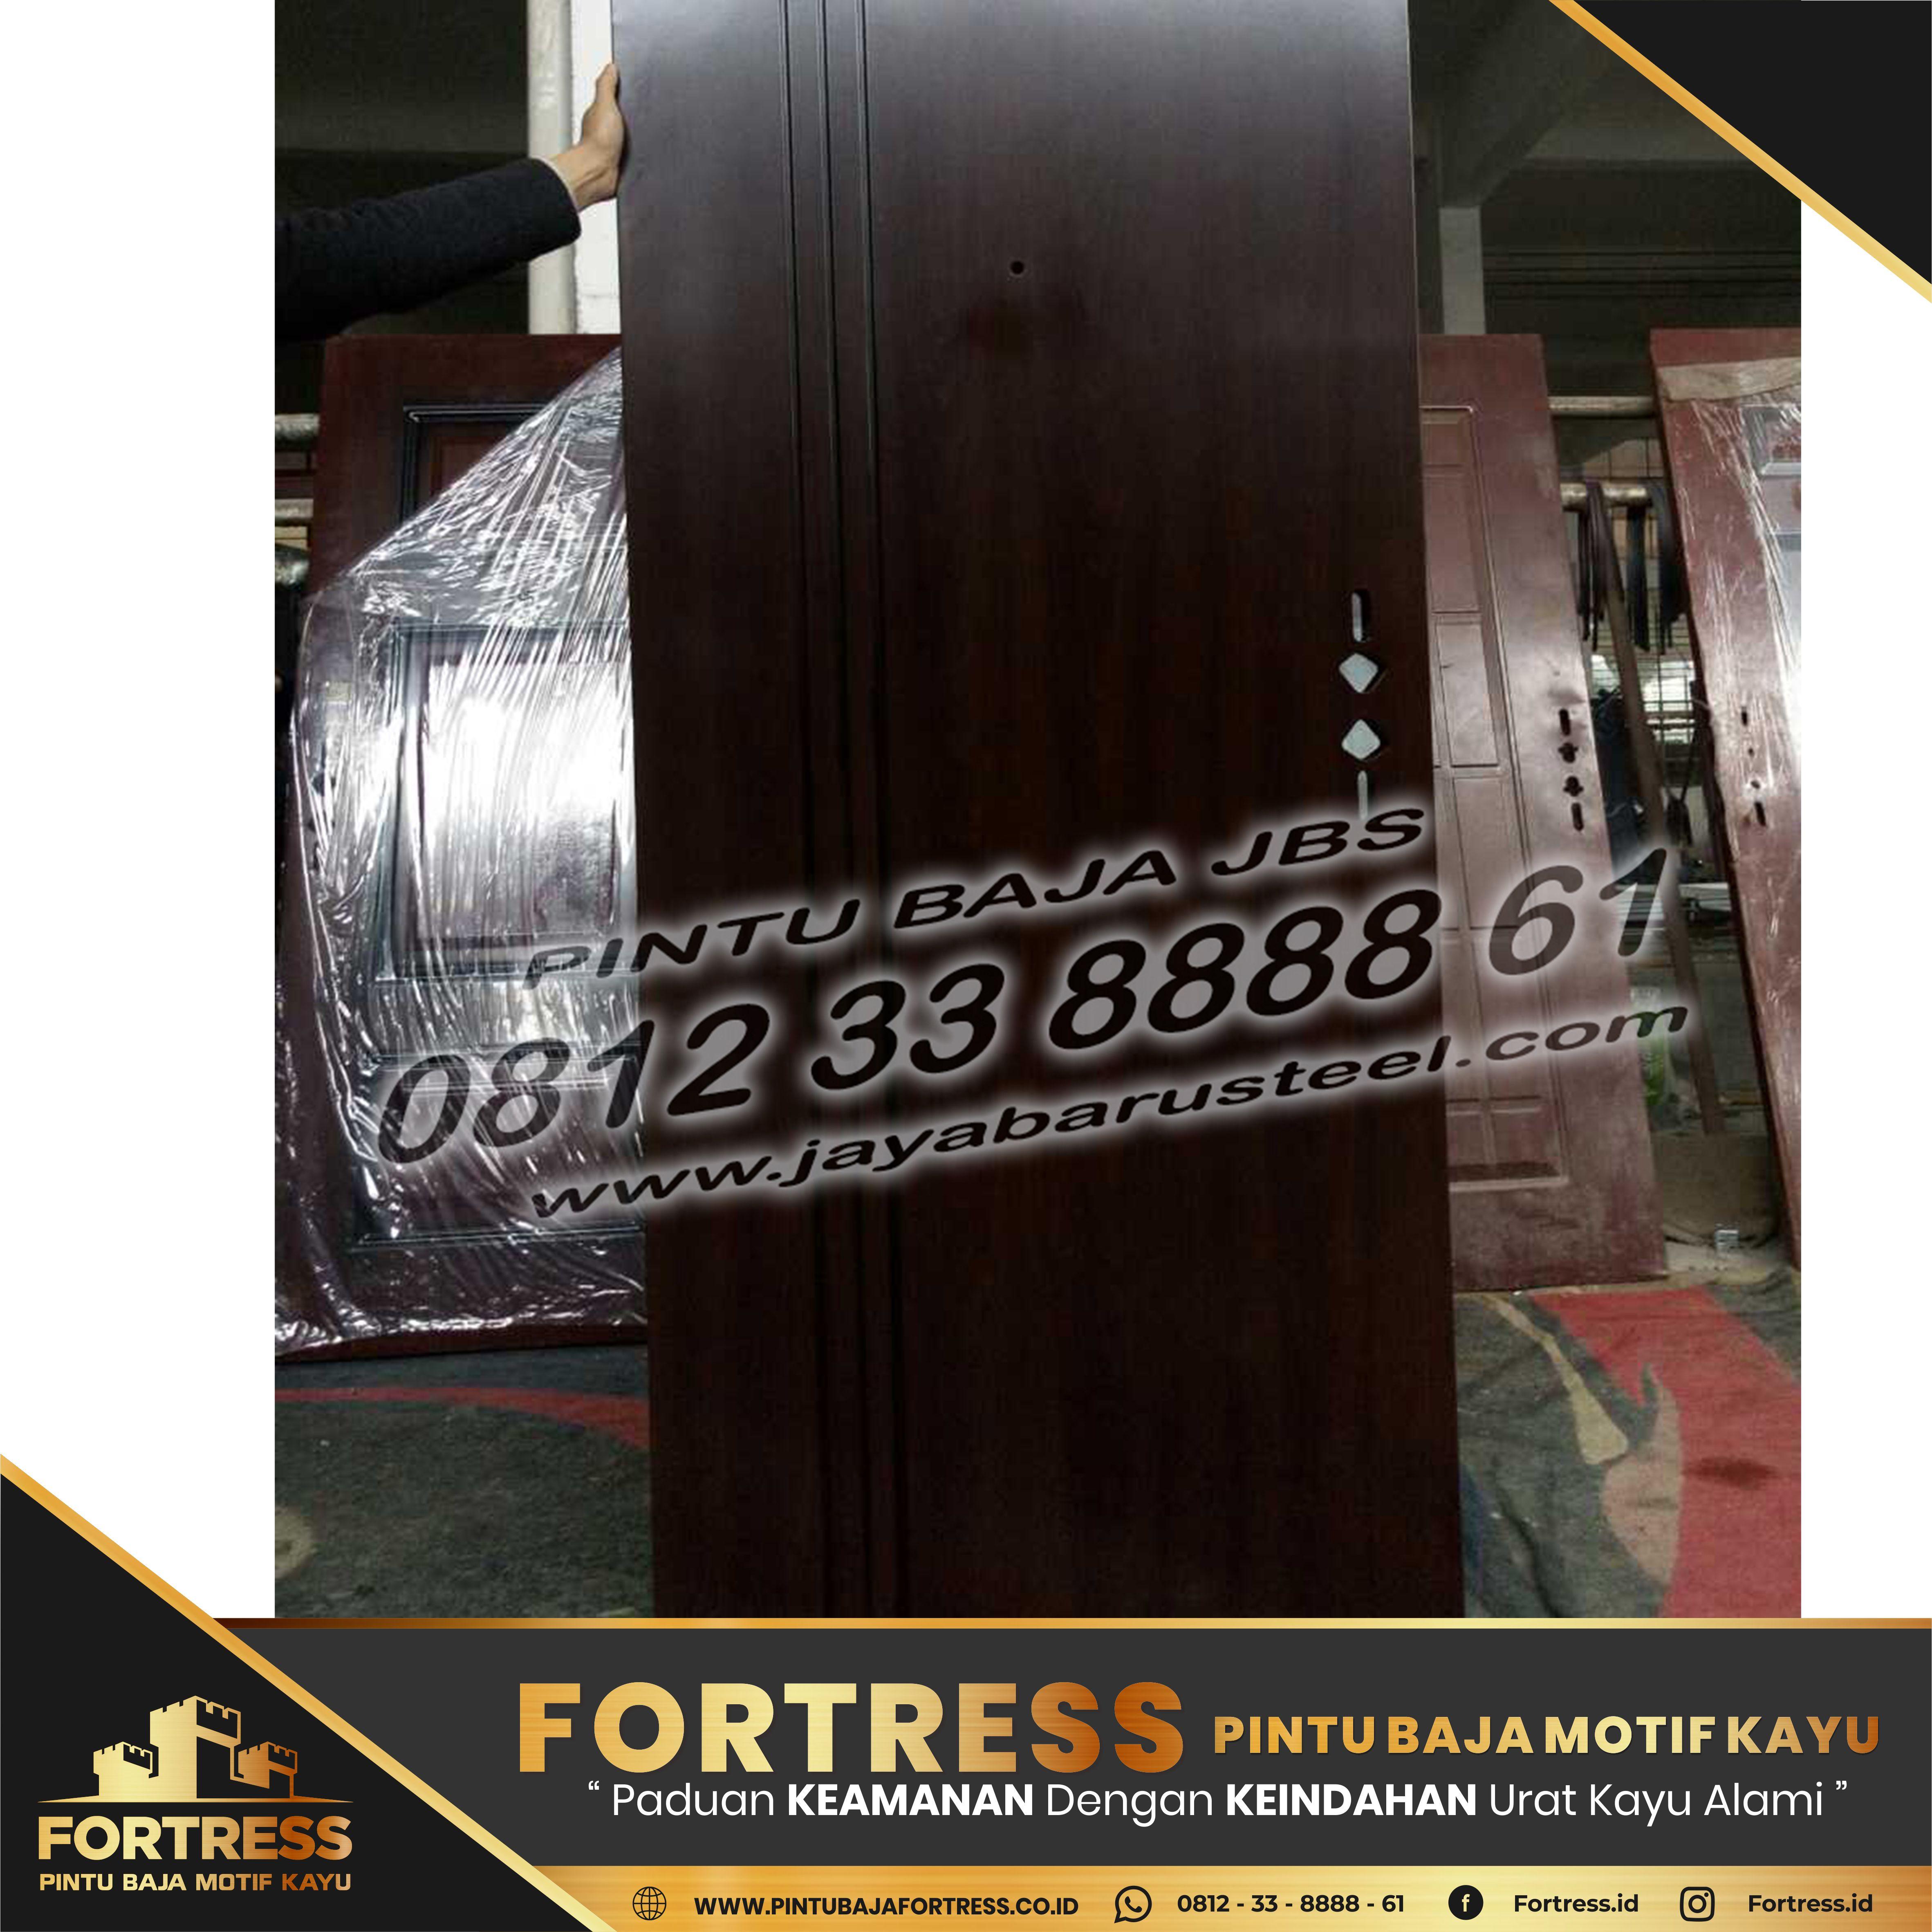 0812-91-6261-07 (FORTRESS) Pontianak Steel Plate Door Model, …